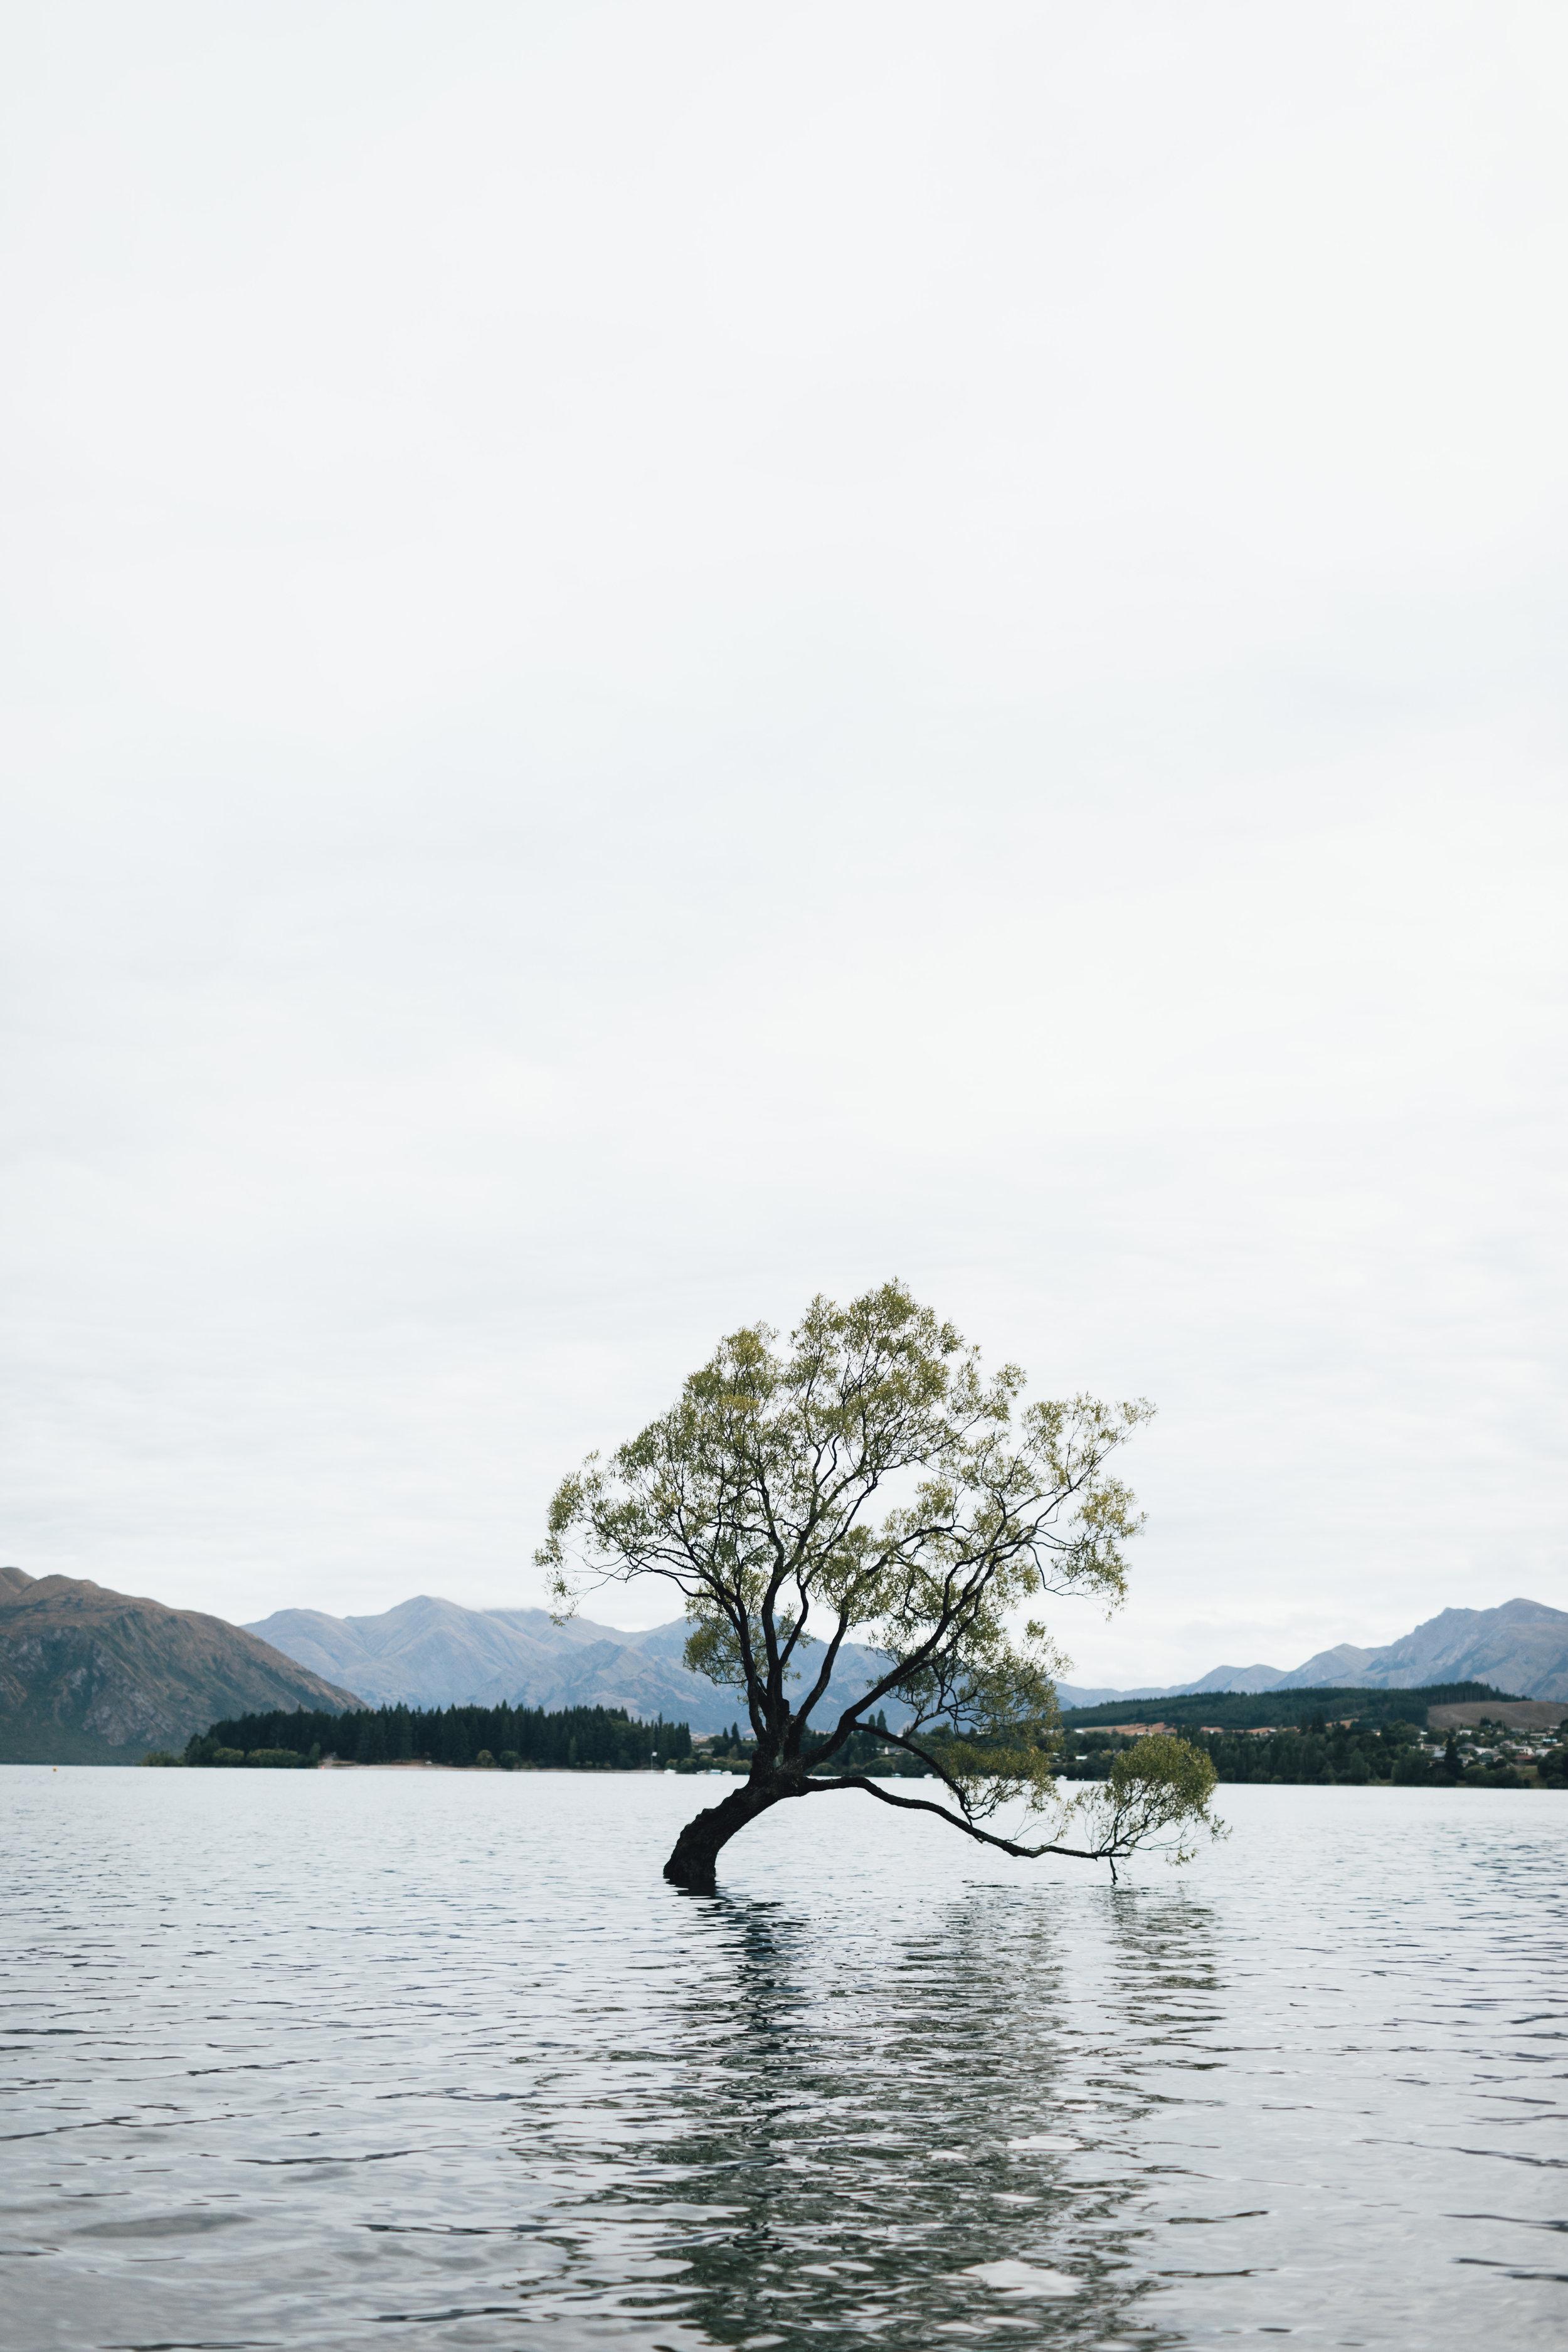 new-zealand-wanaka-tree-photo-by-samantha-look.jpg